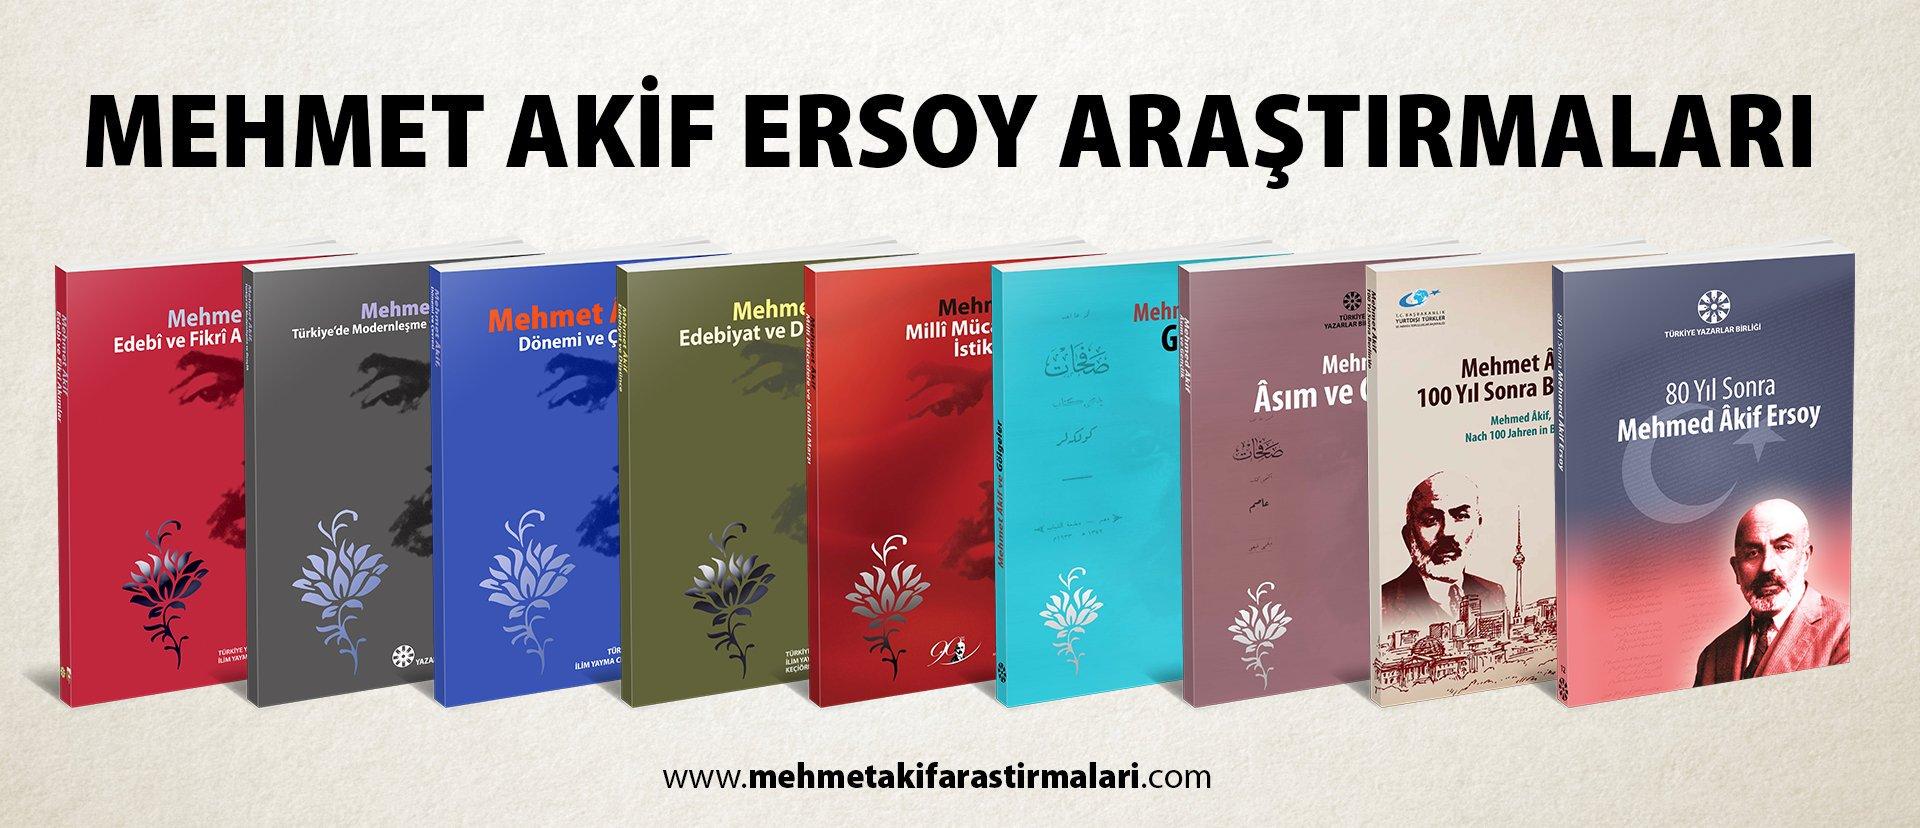 Mehmed Âkif Ersoy Araştırmaları Merkezi İstiklâl Marşı Şairimizin Hatırasını Yaşatıyor